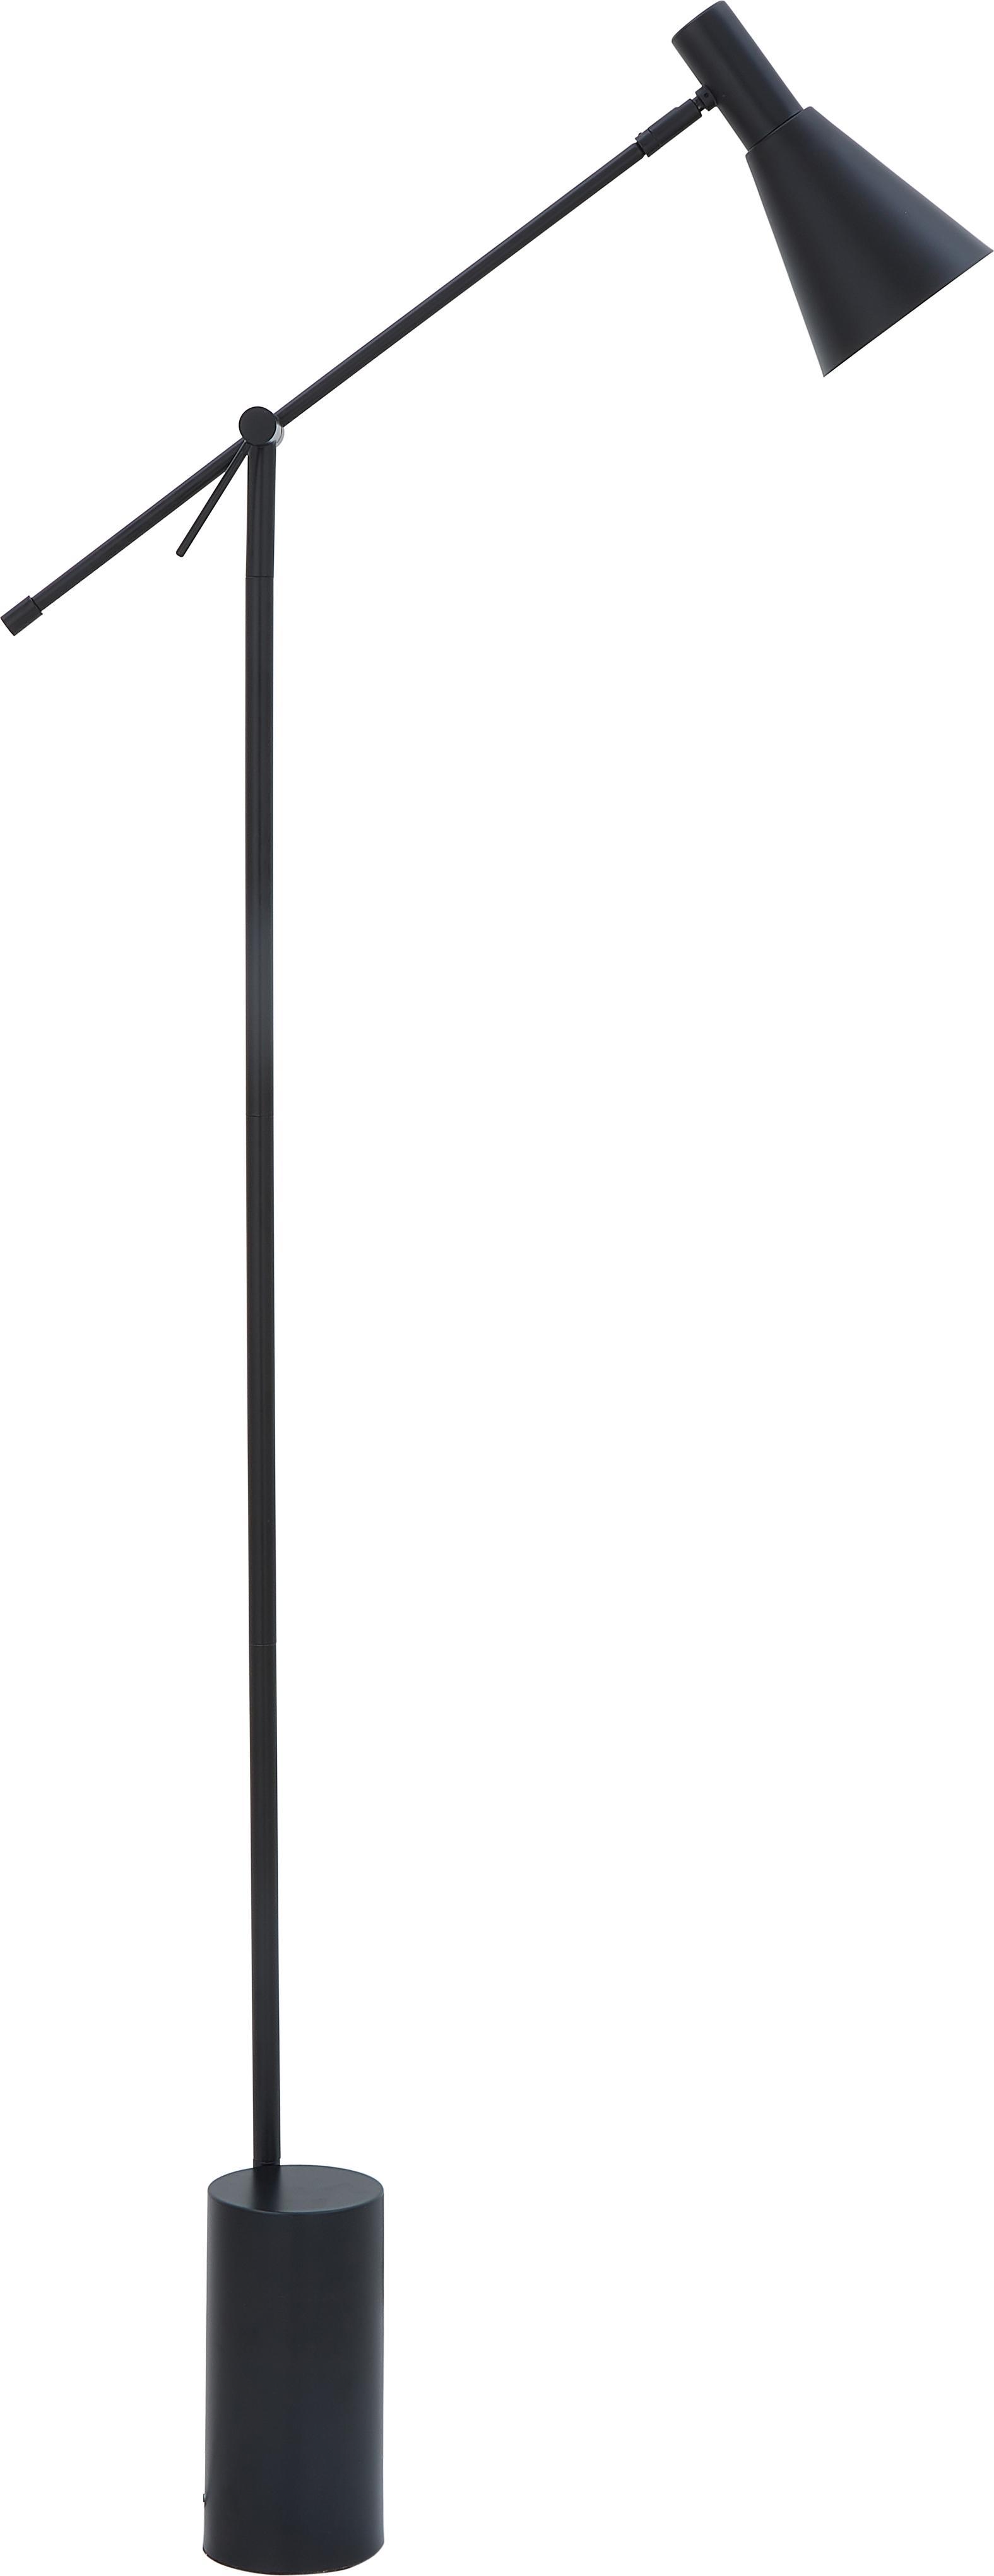 Lampadaire liseuse noir Sia, Noir